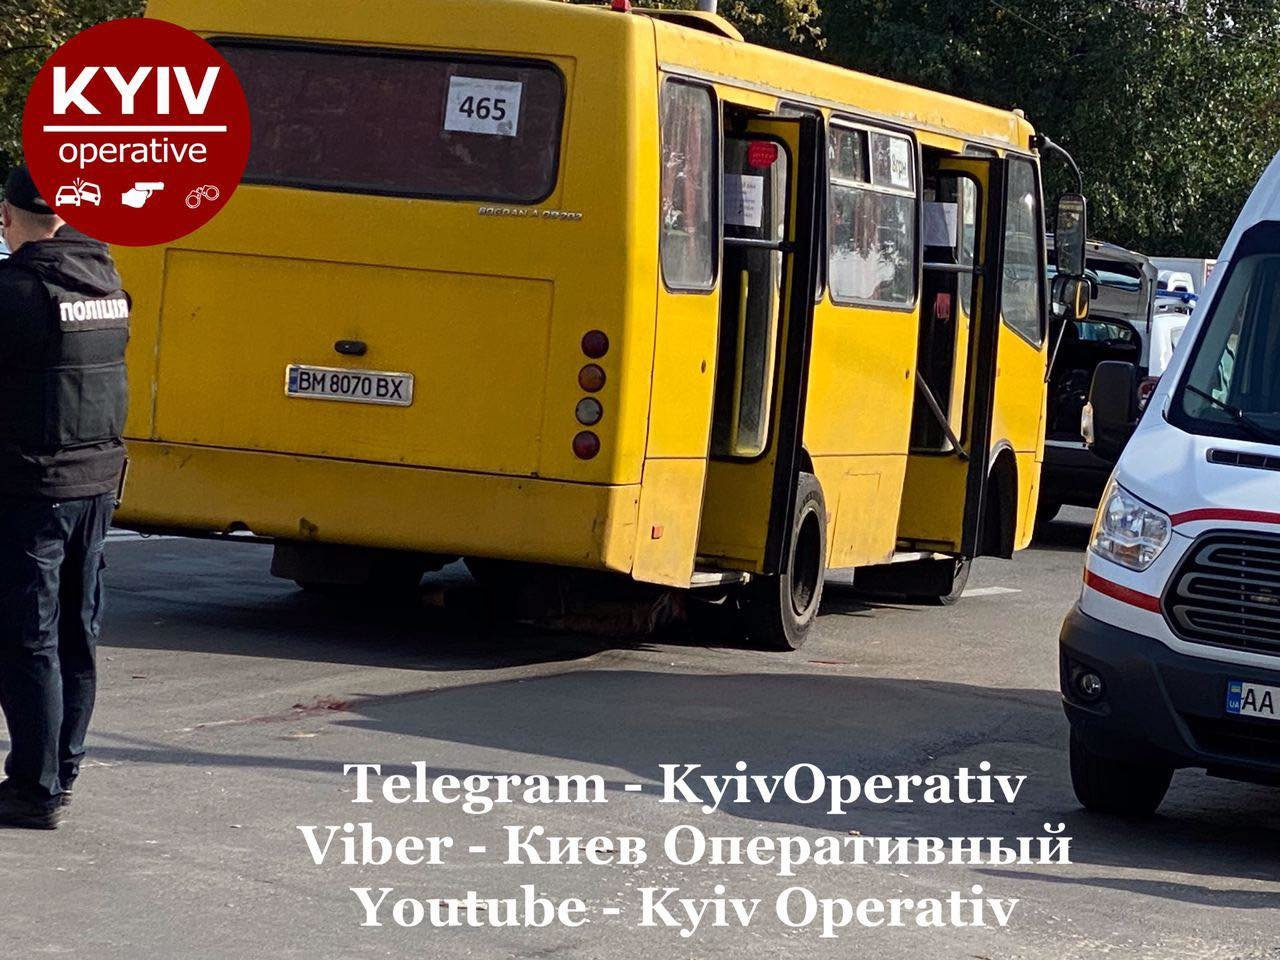 В Киеве на Виноградаре произошло смертельное ДТП с участием маршрутки, ВИДЕО, фото-6